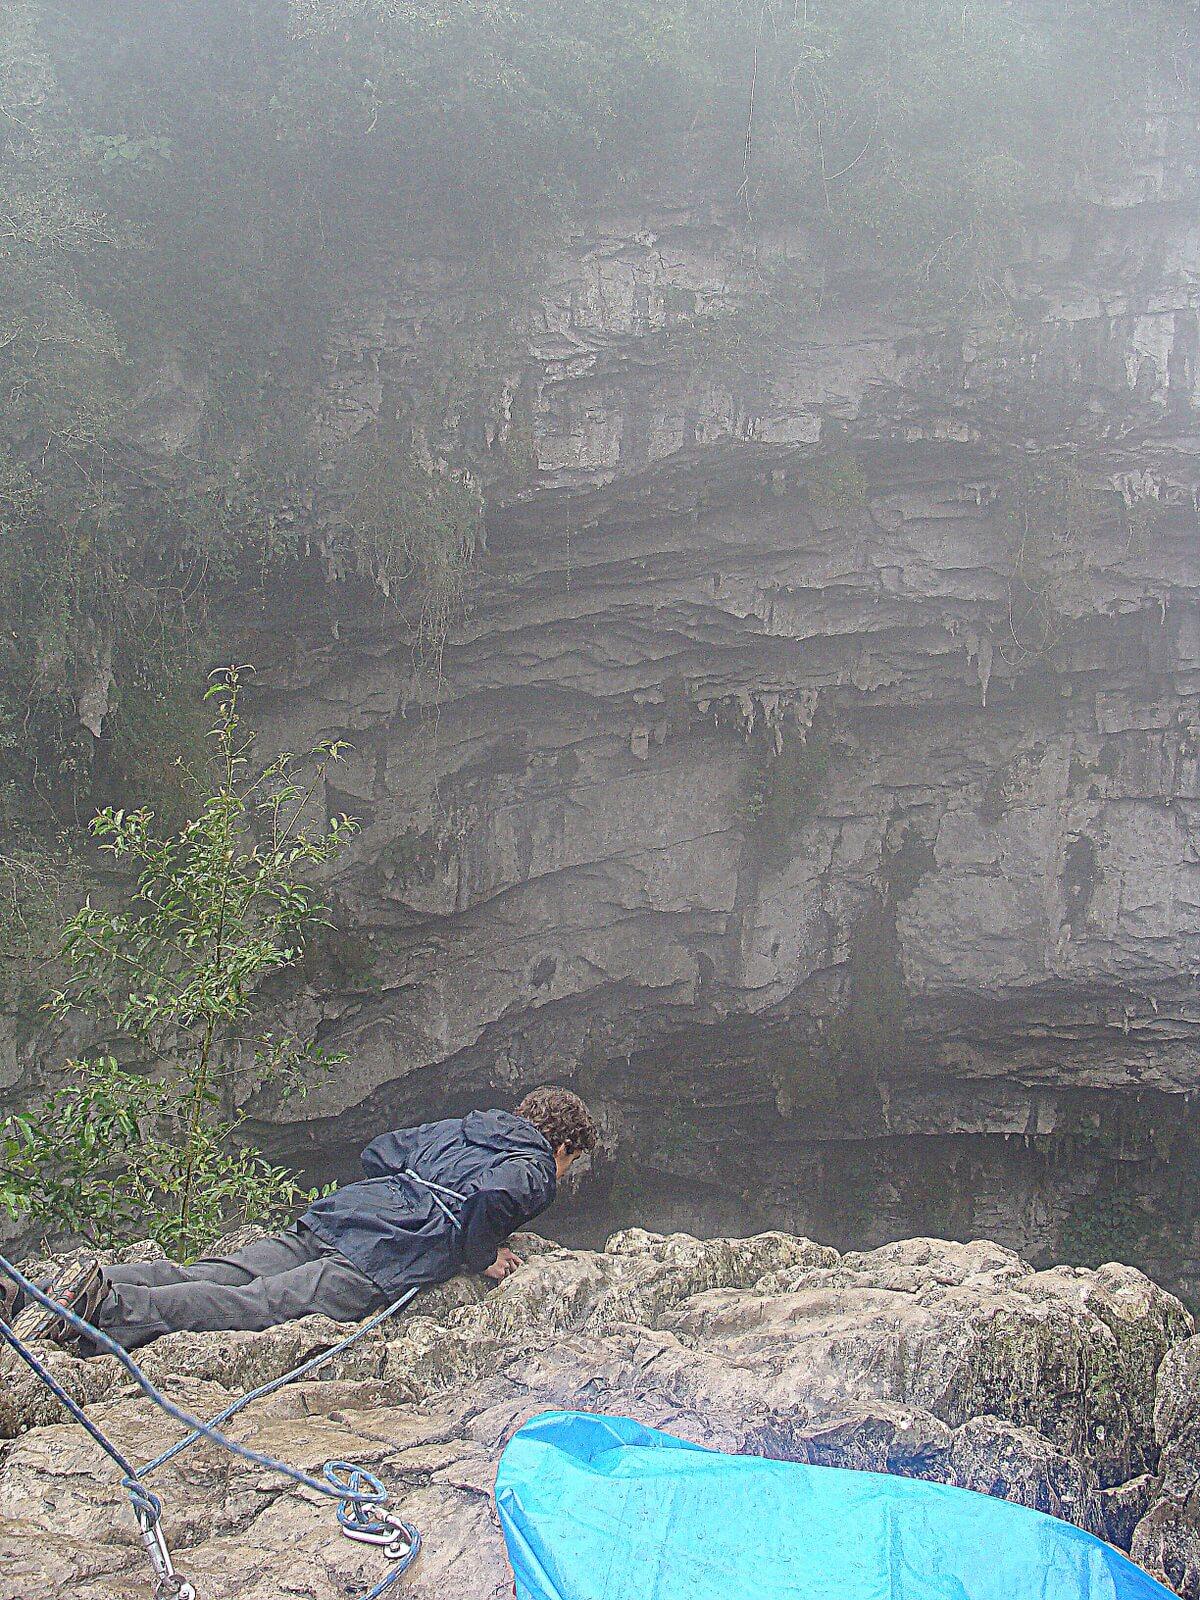 Fot. 5. W jaskini Sotano de las Golondrinas można podziwiać setki tysięcy ptaków mających gniazda na jej rozległych ścianach.